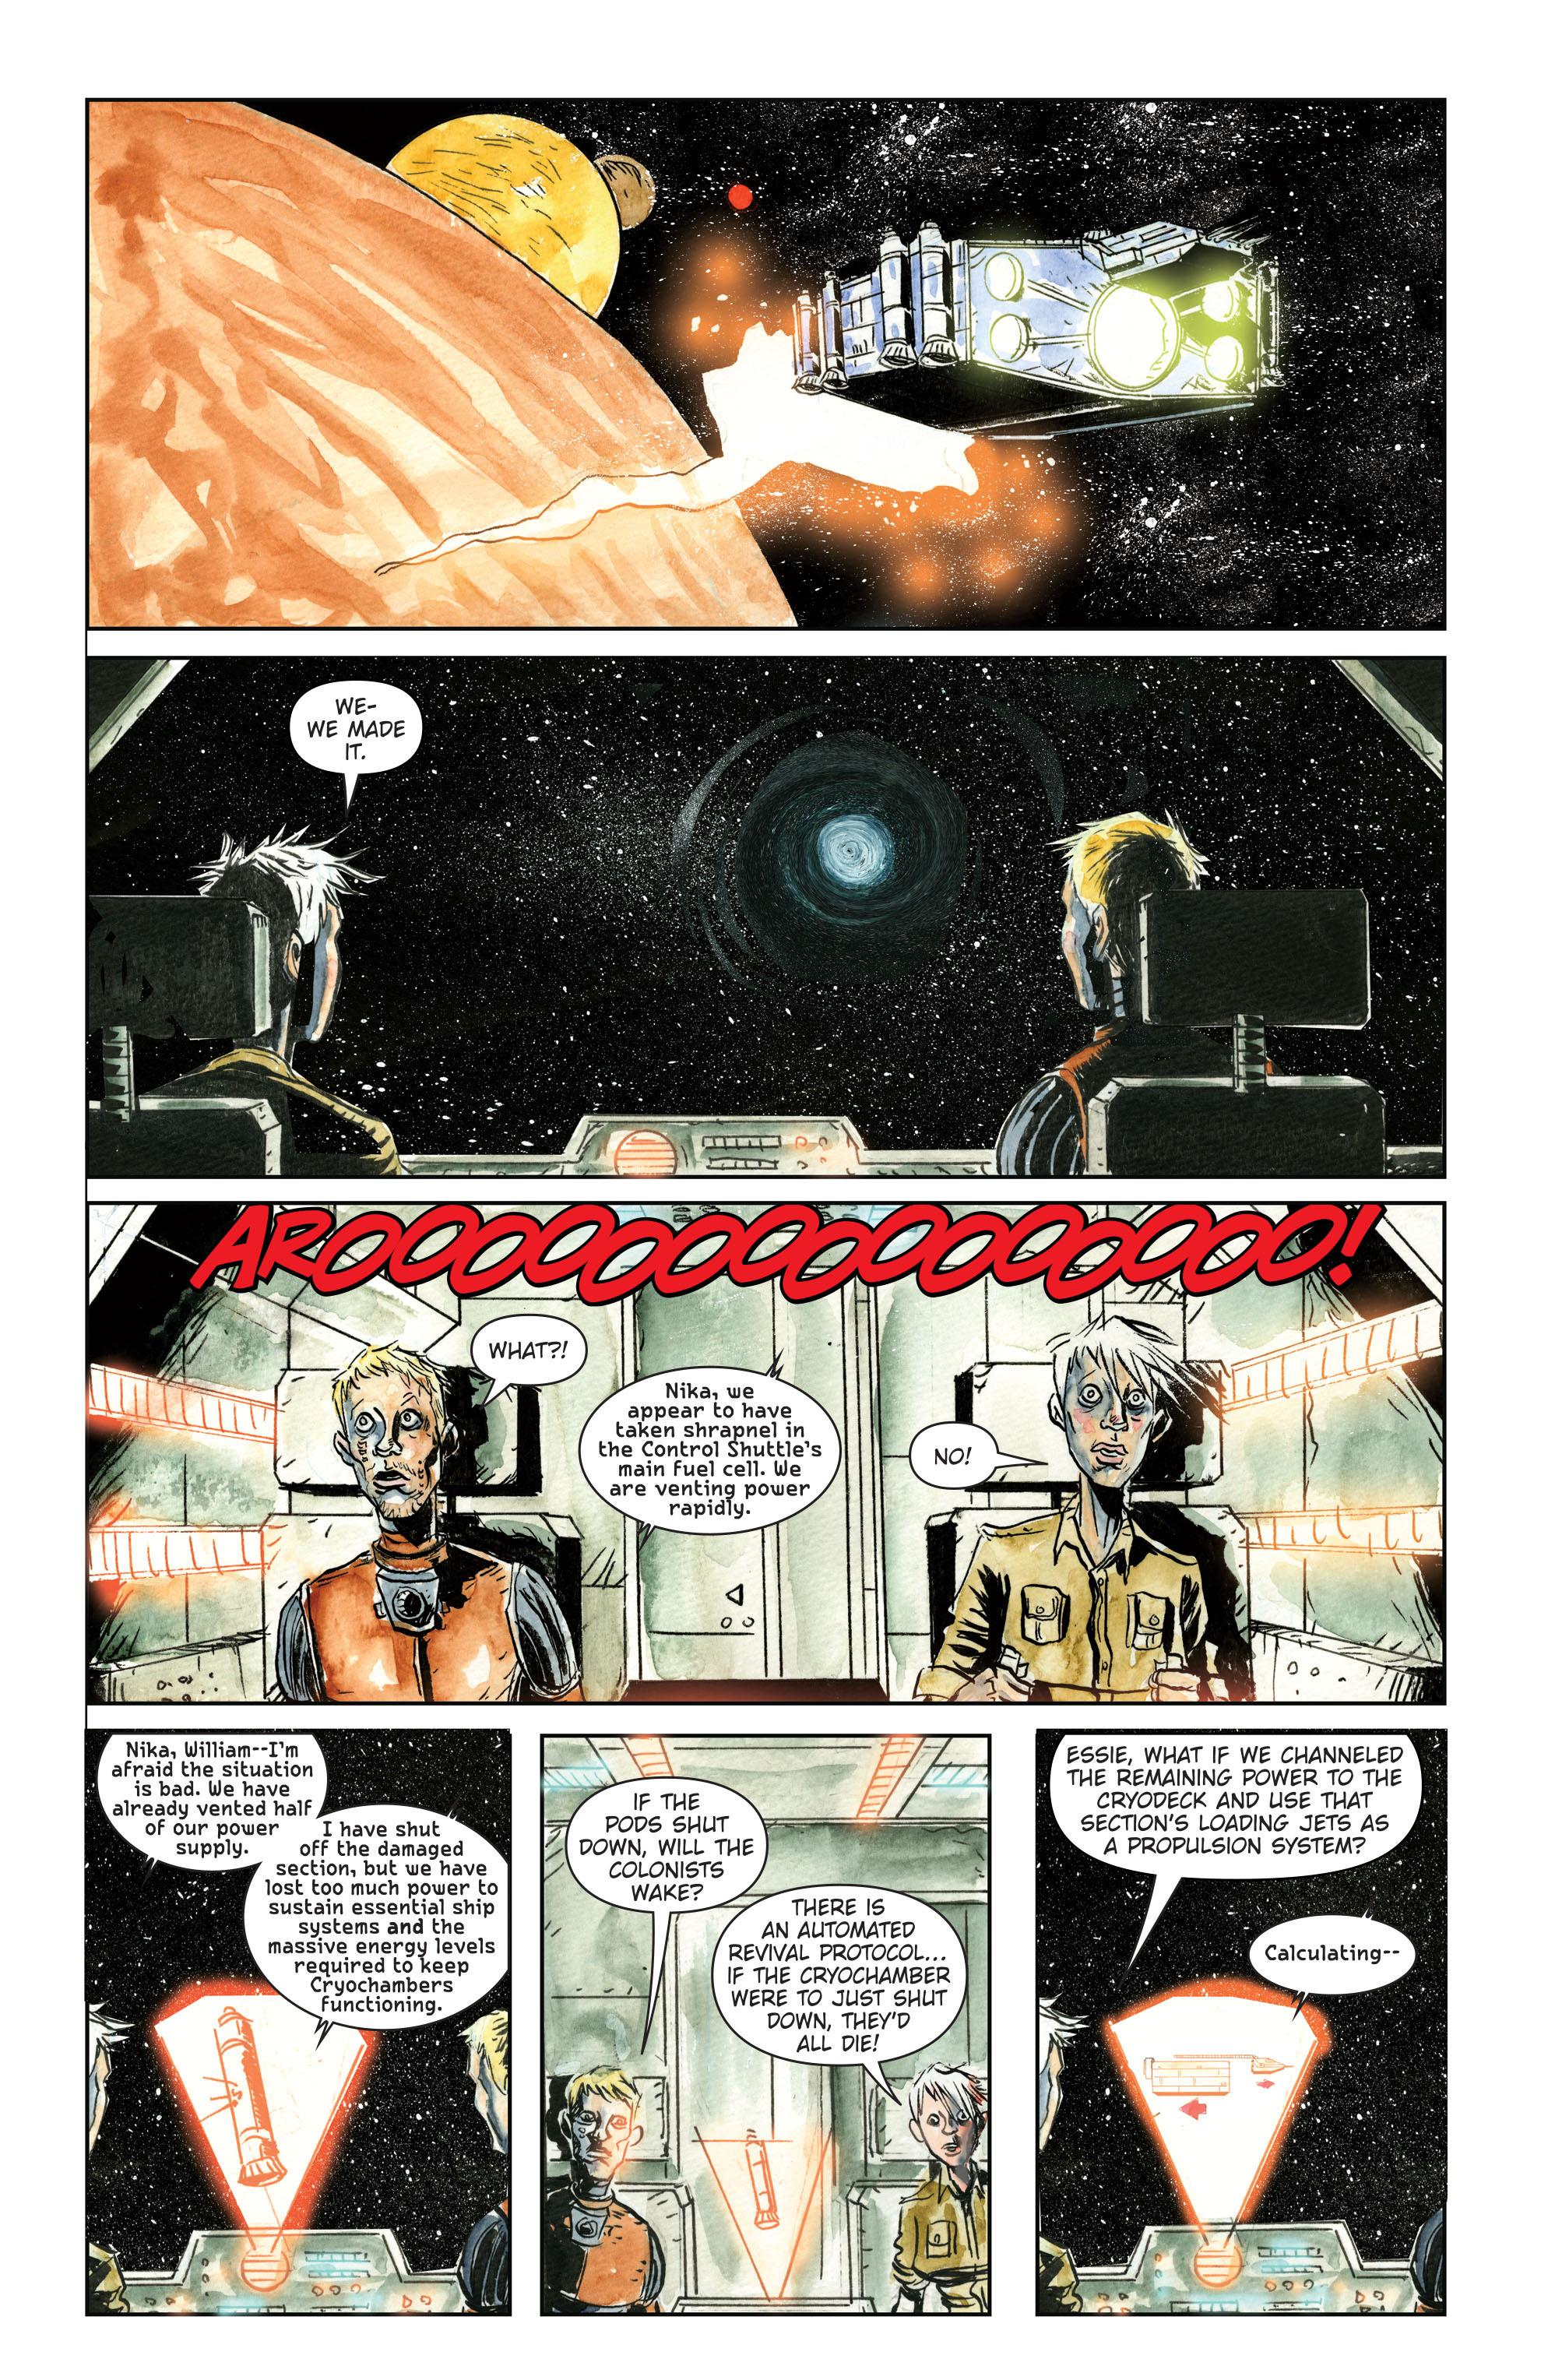 Read online Trillium comic -  Issue # TPB - 190